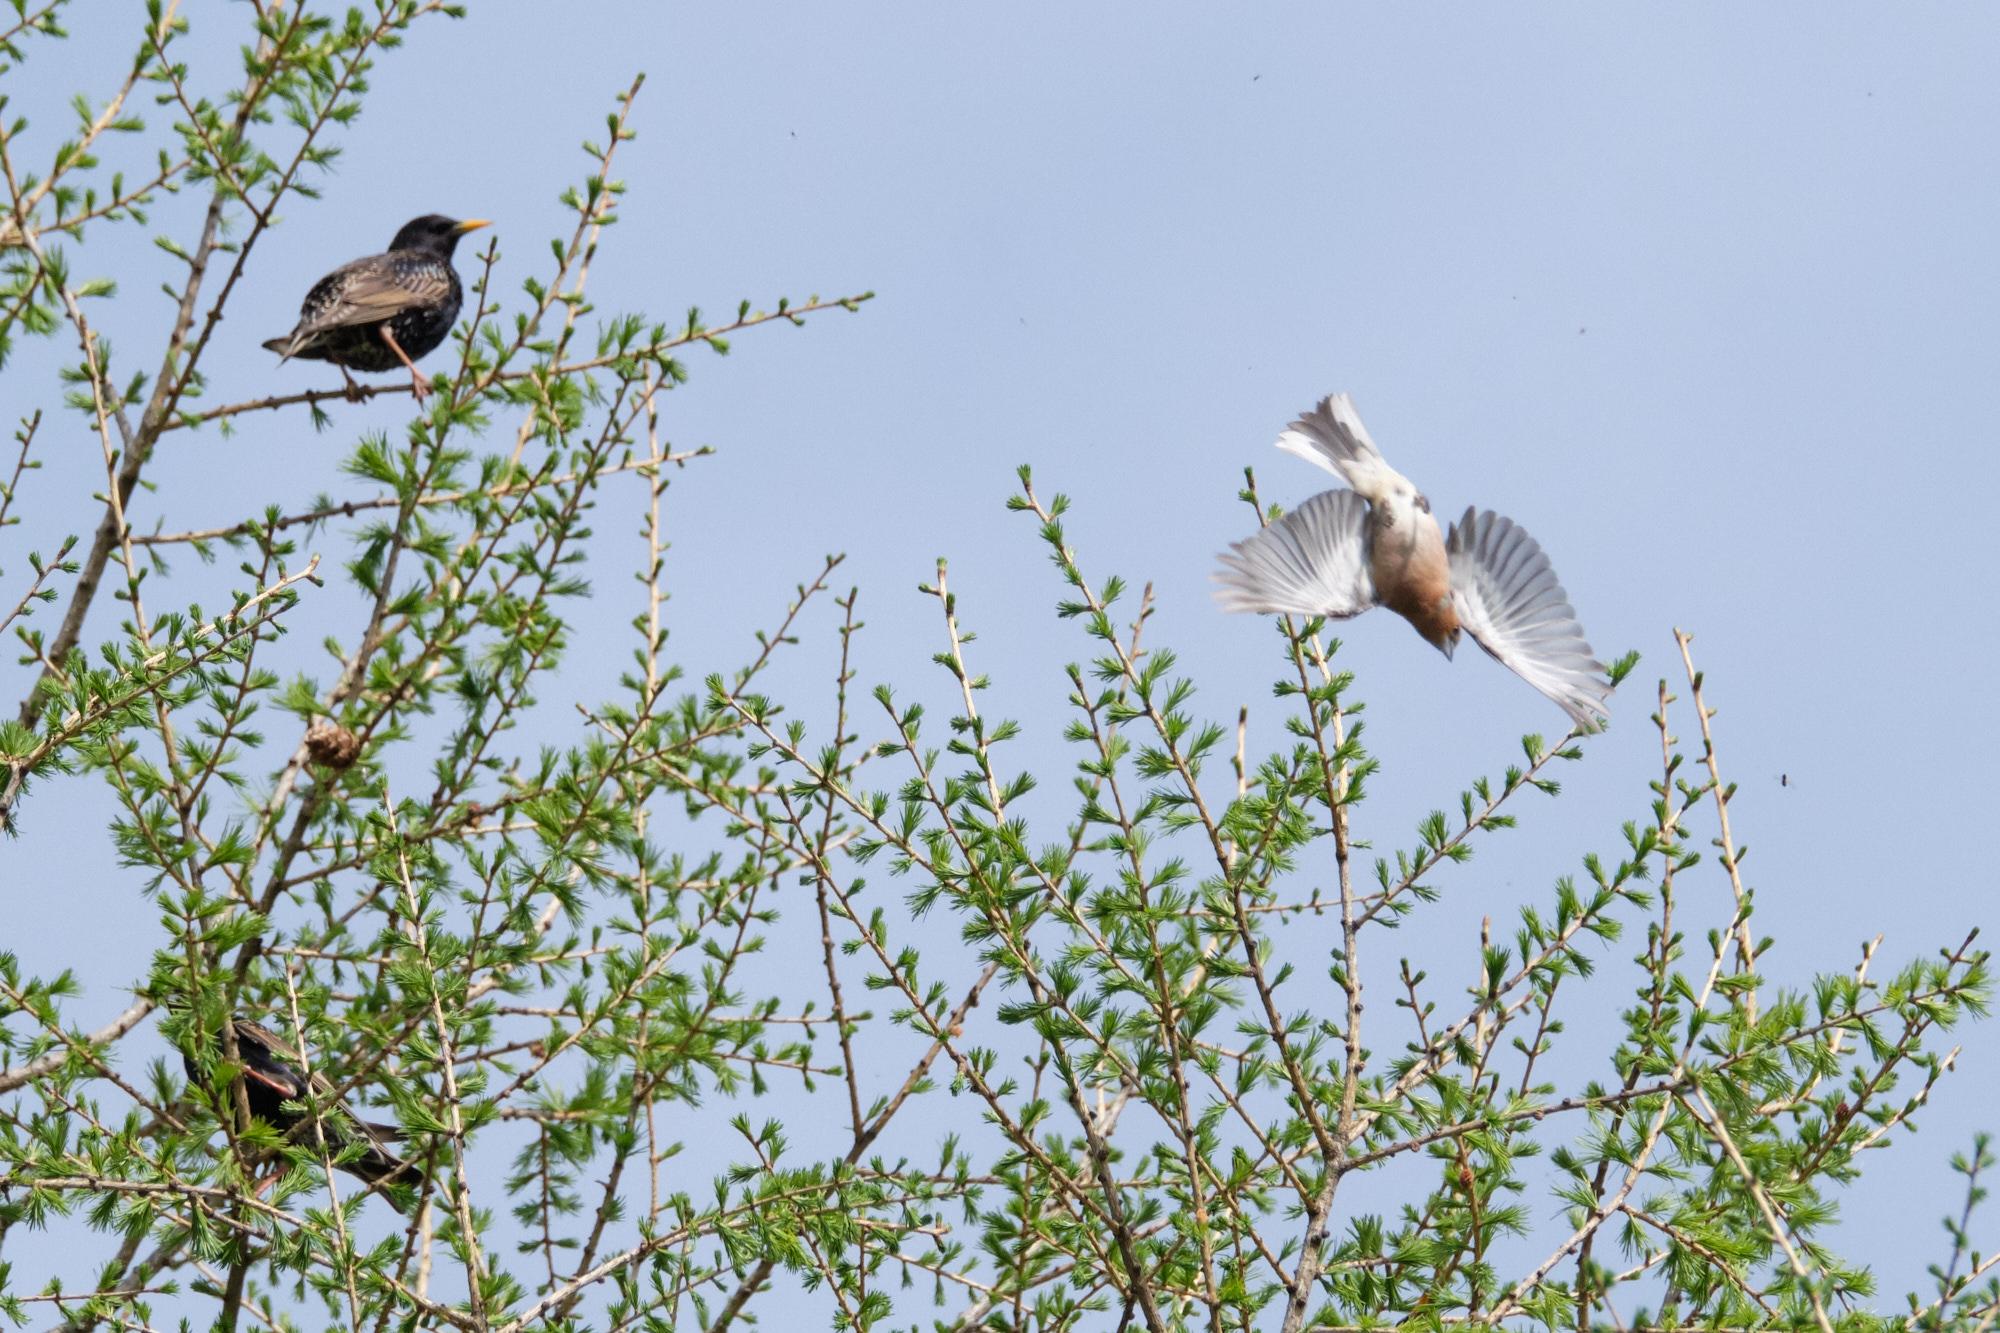 Stare und Buchfink / starlings and chaffinch